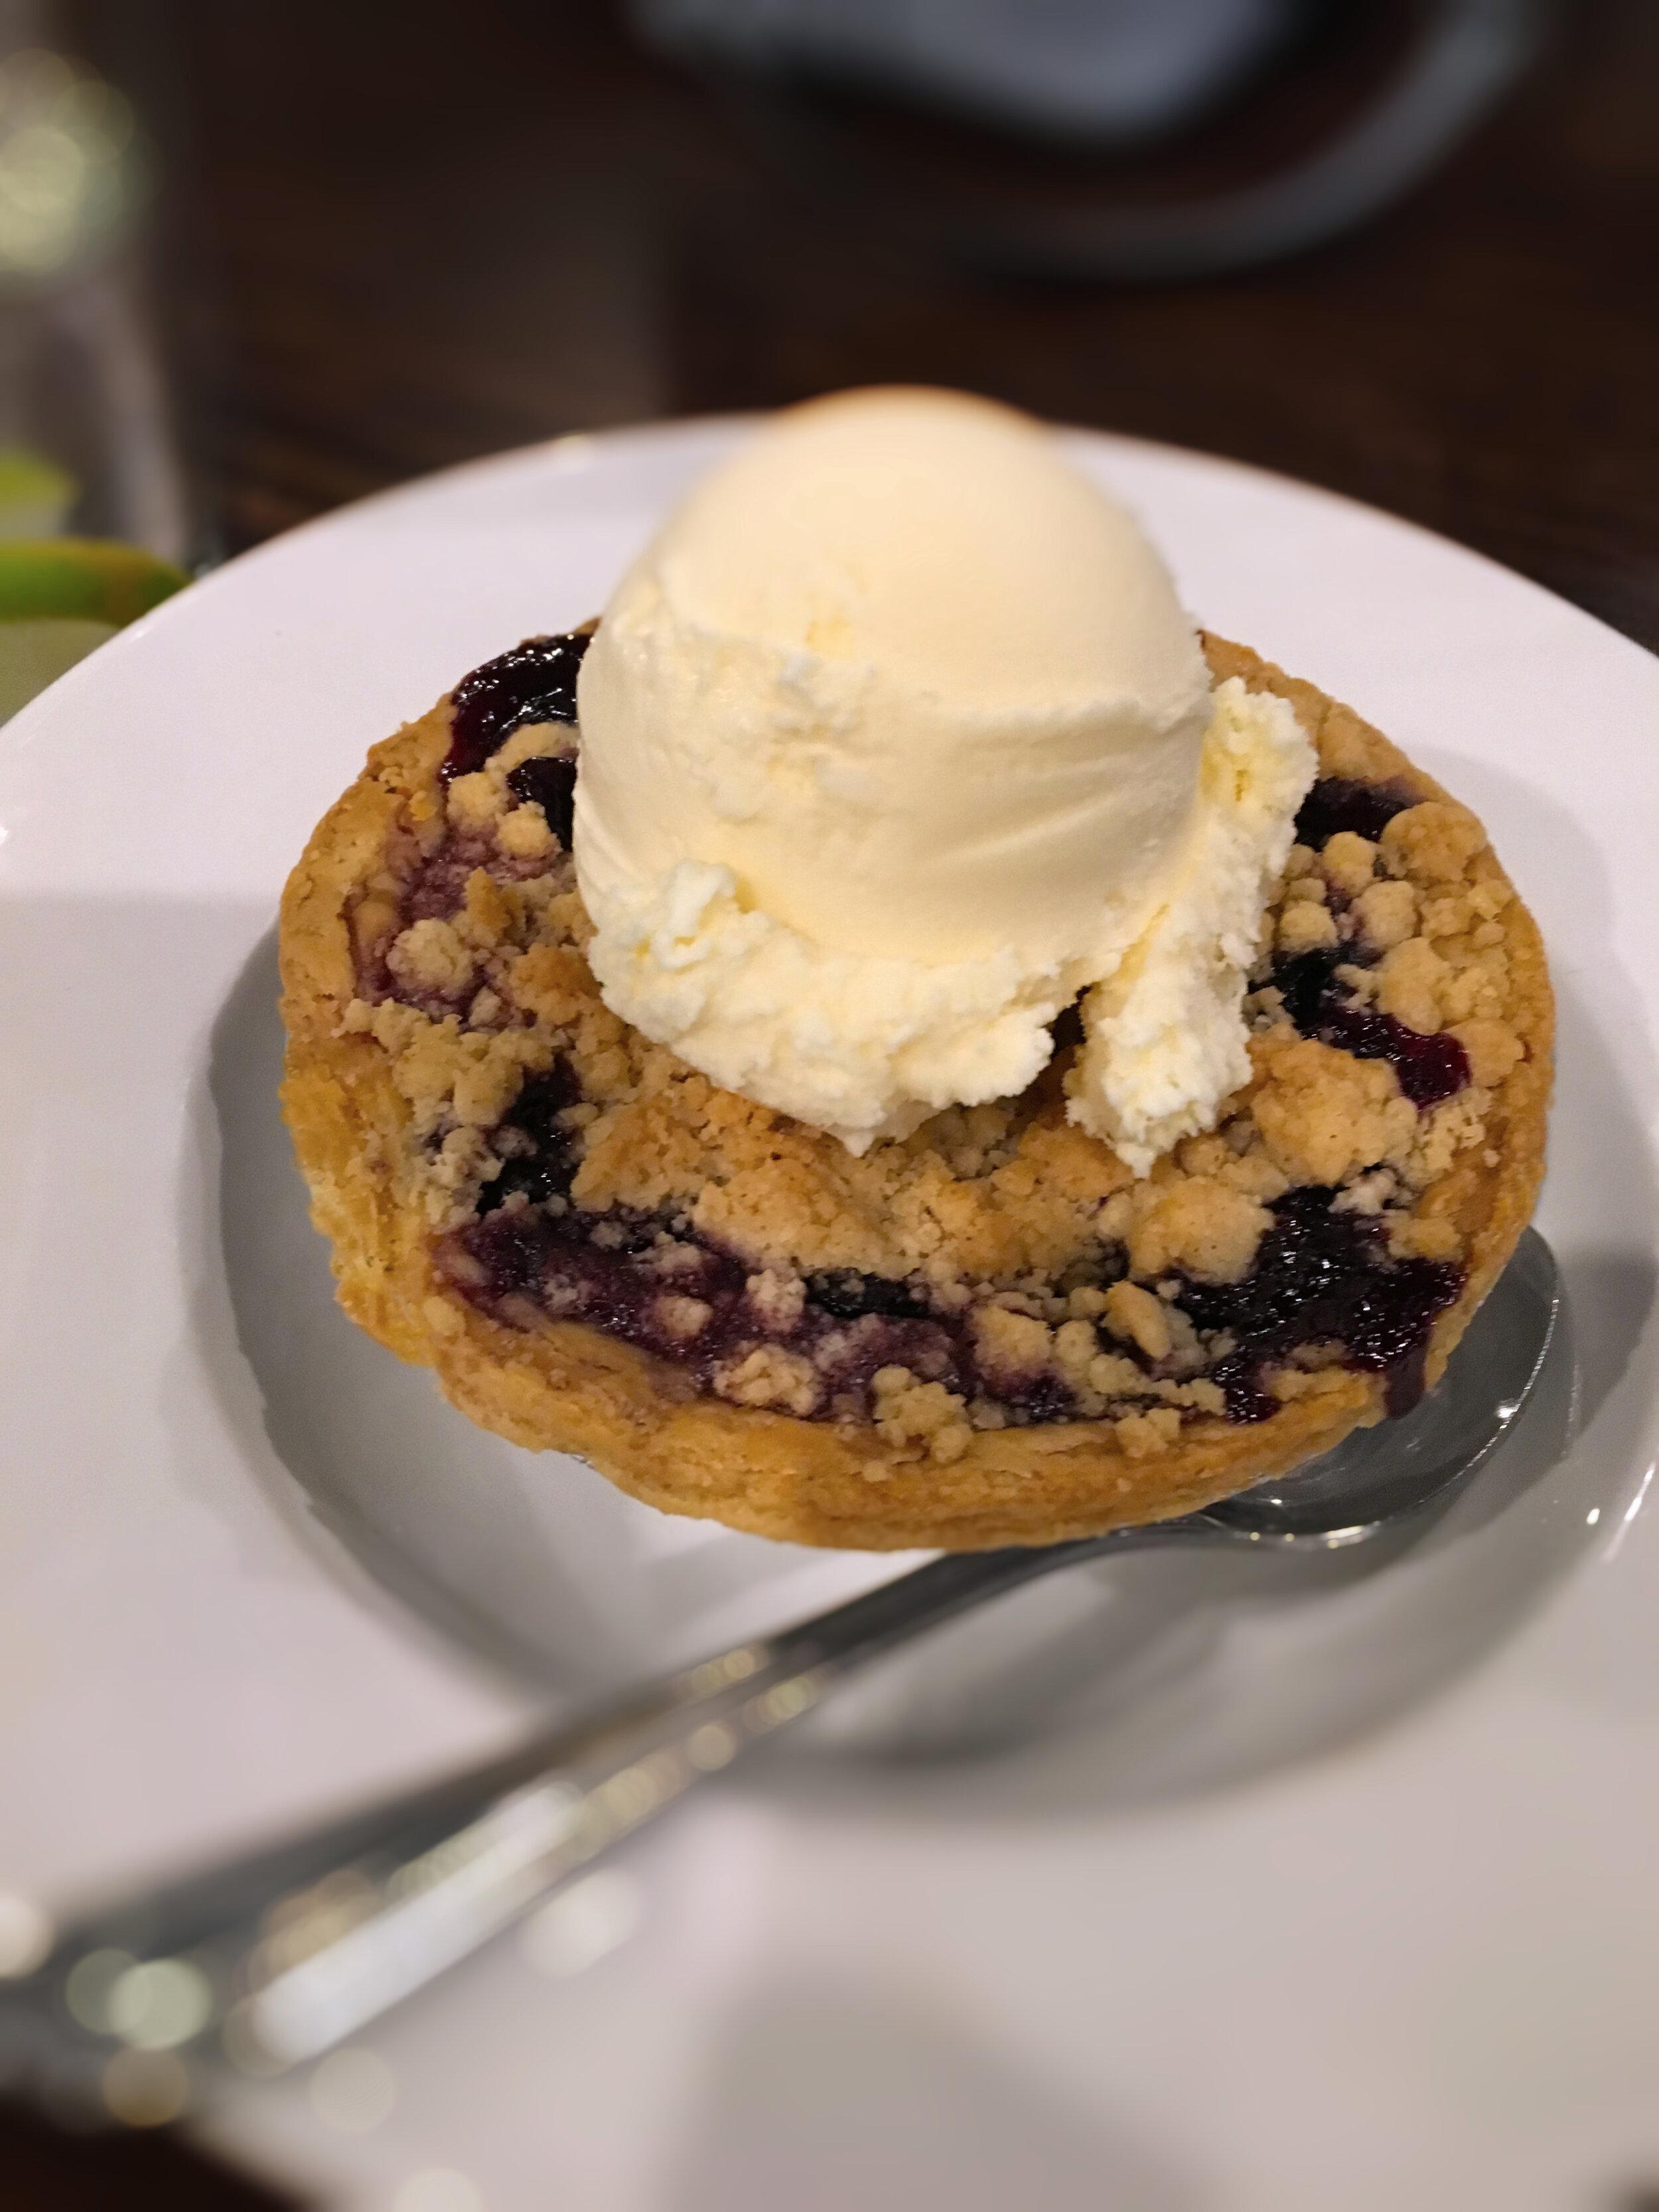 Blueberry Pie à la mode Special Dessert